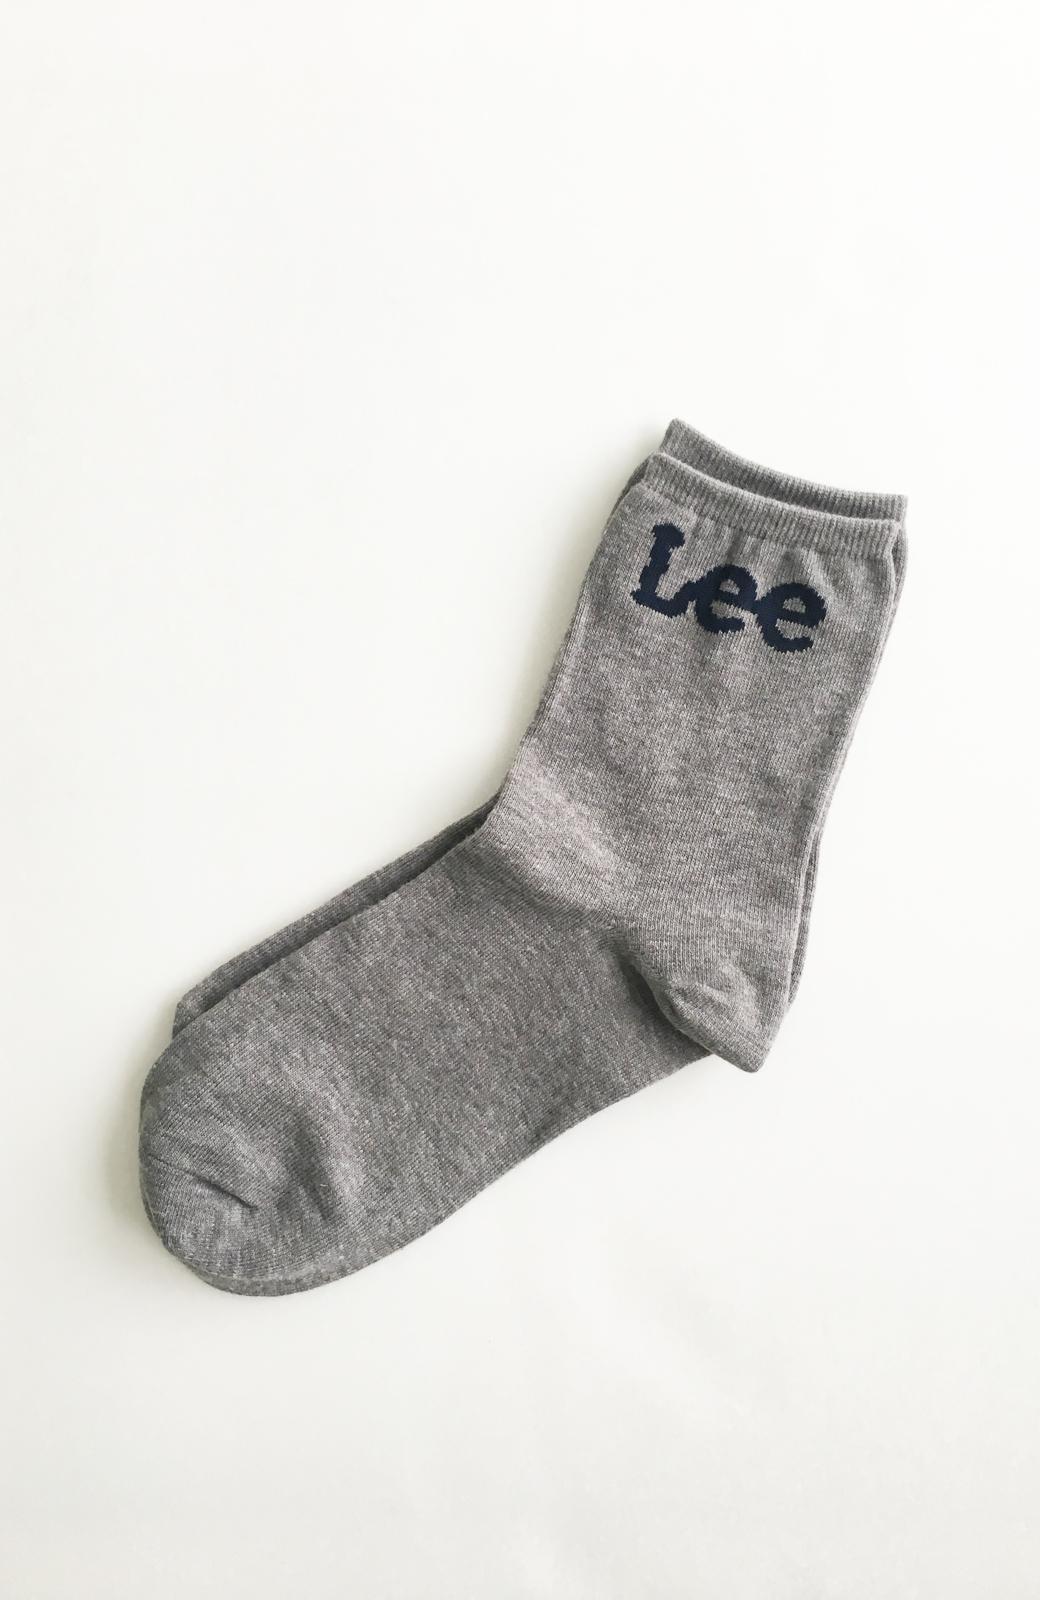 haco! Lee ロゴがかわいいハイカットソックス <グレー>の商品写真1